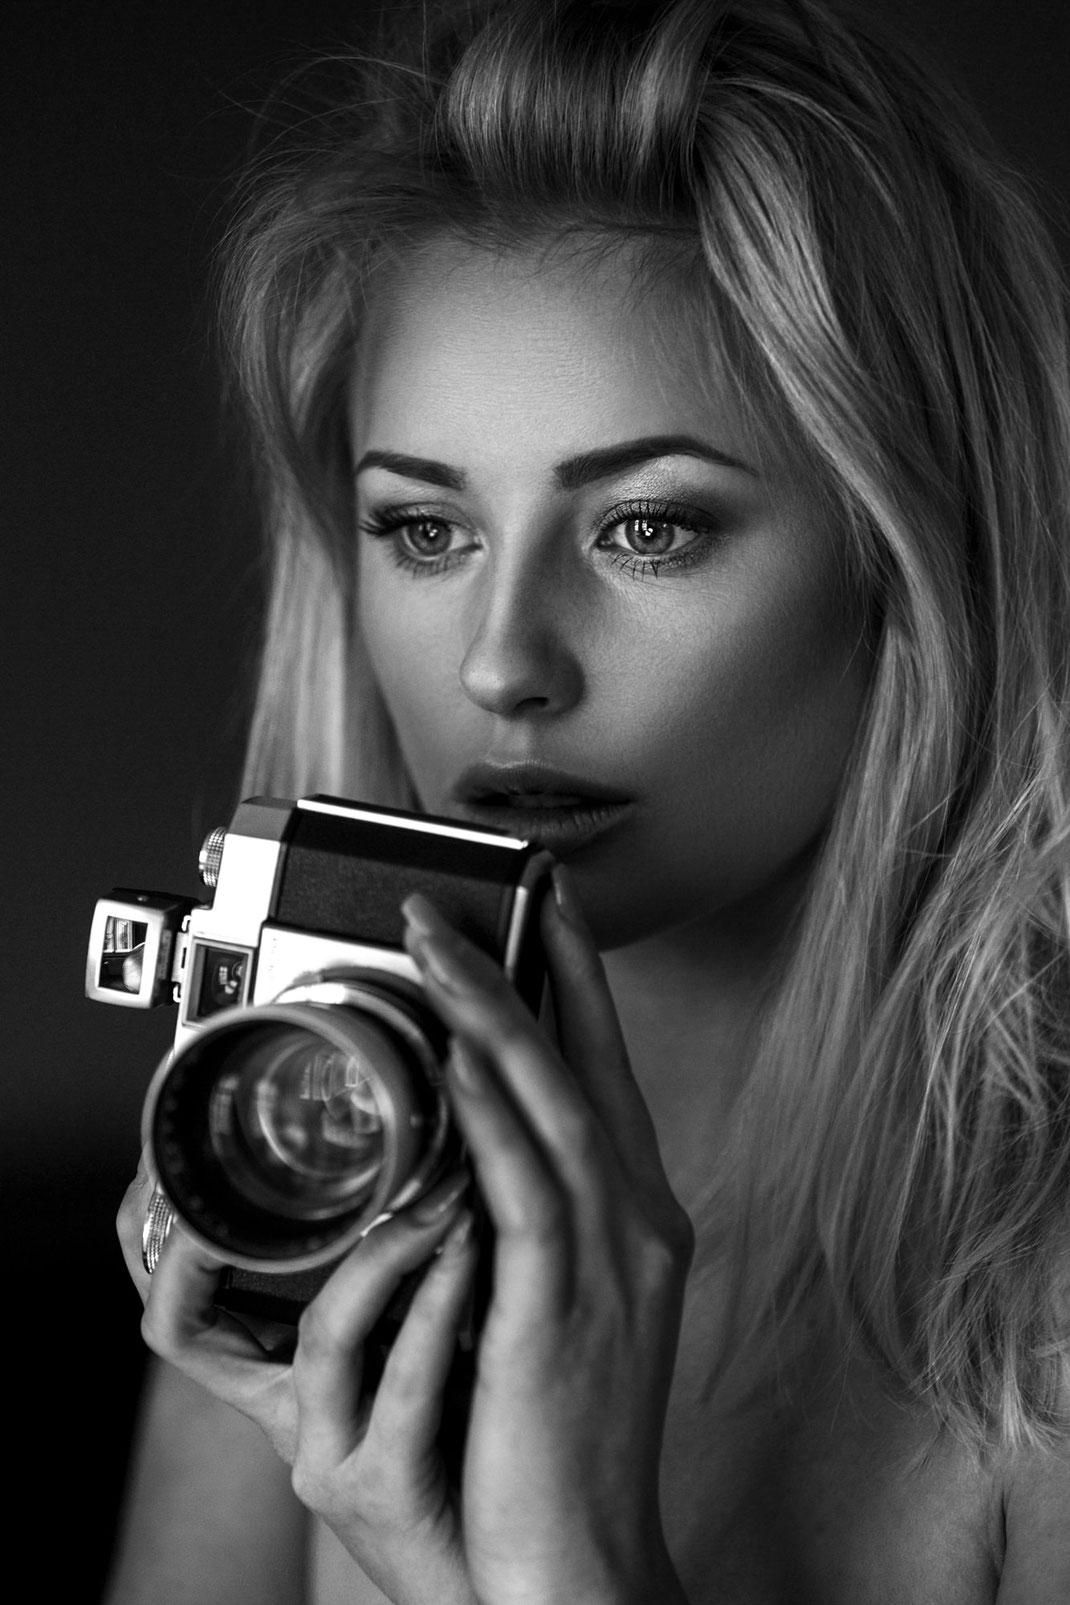 Two Beauties - Saskia & Zeiss Ikon Contina - Markus Hertzsch - Camera - Girl